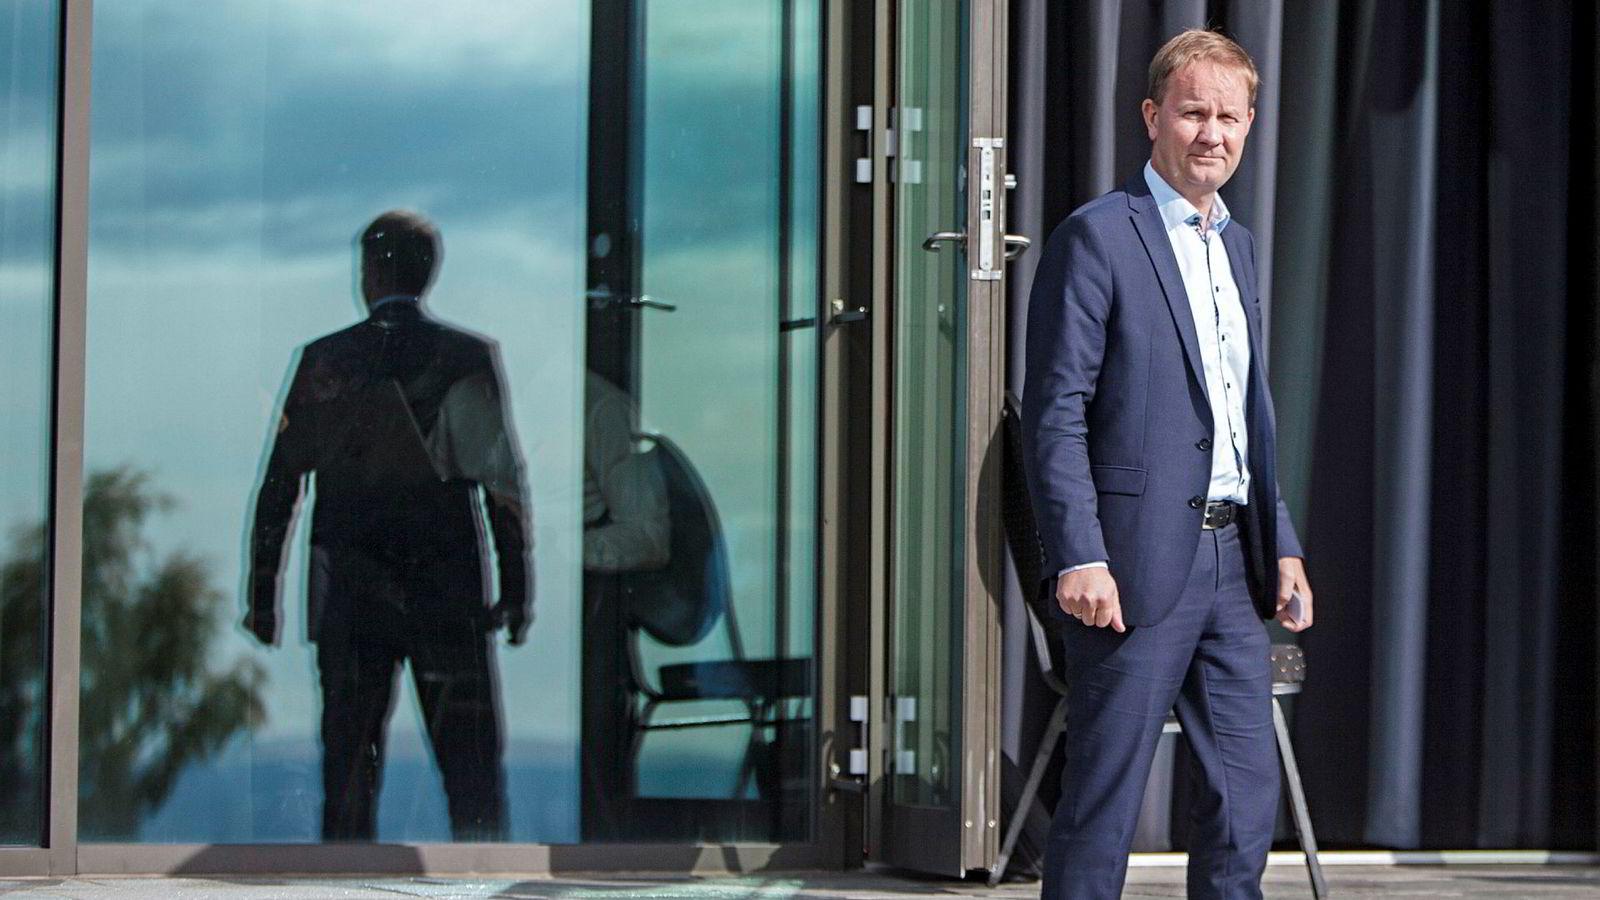 Administrerende direktør Lars Peder Solstad i Solstad Offshore må nå ta grep etter en sommersesong med for lav inntjening.